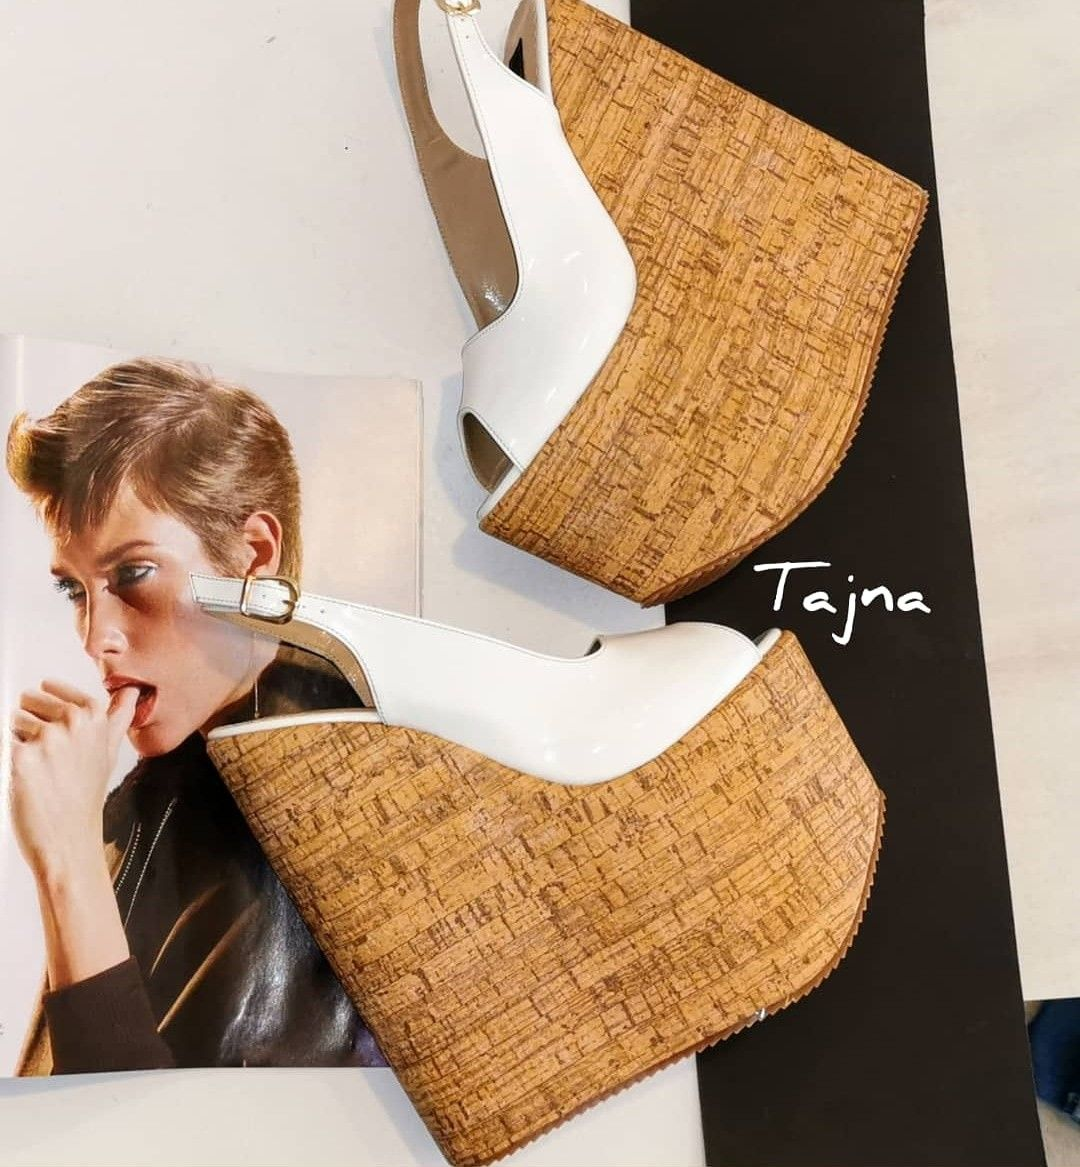 Tajna Wedges #shoewedges